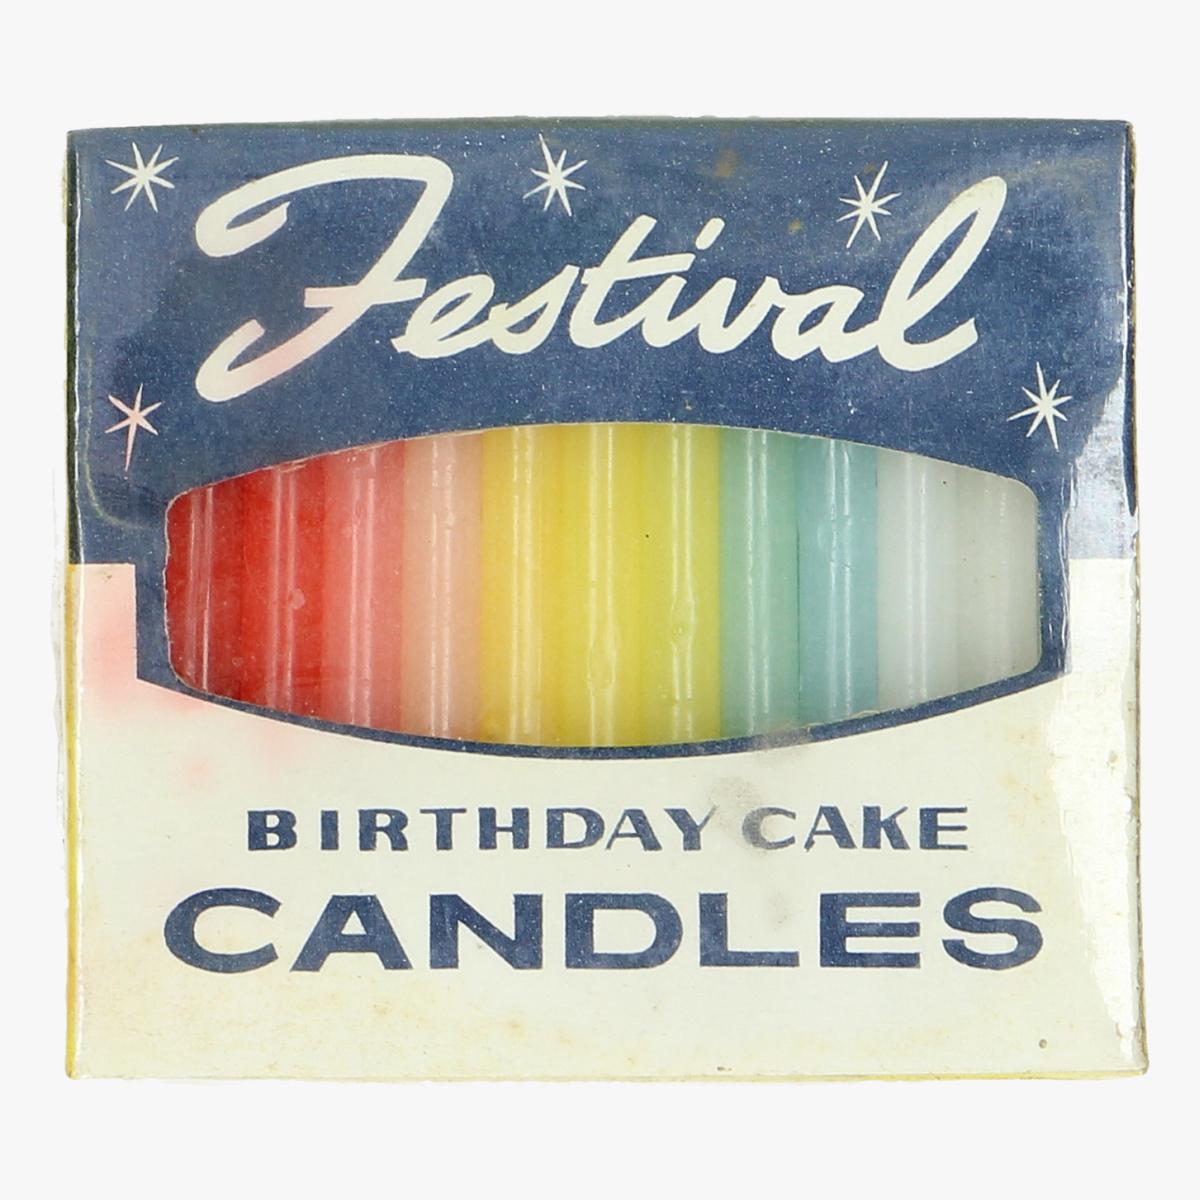 Afbeeldingen van oude festival birthday cake candles 25 st